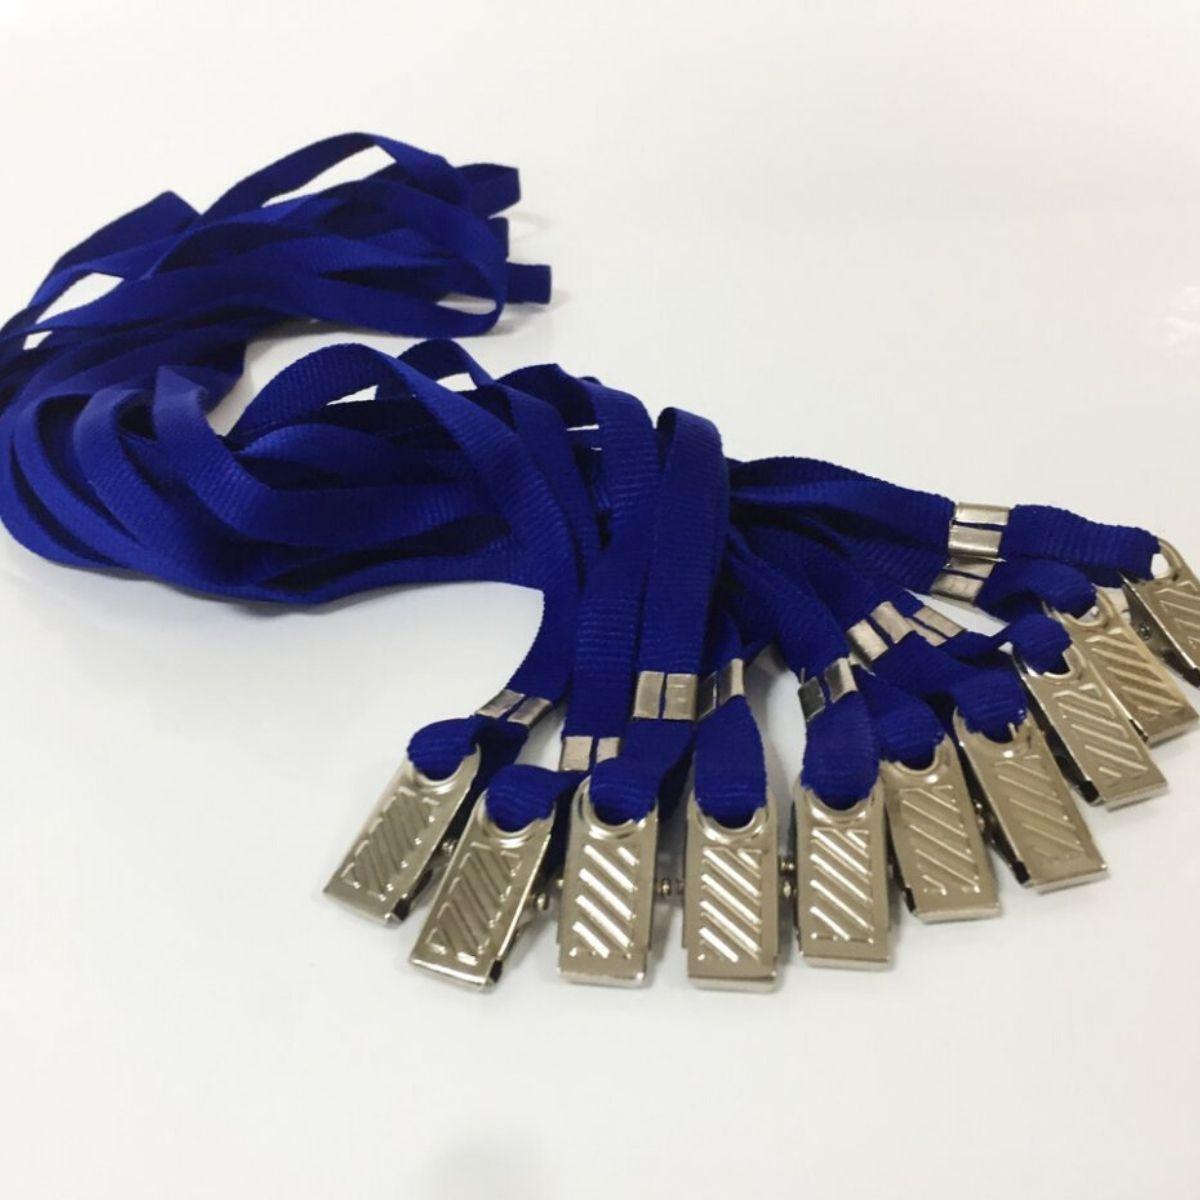 Cordão para Crachá com Presilha Clips Jacaré Azul Royal - Pacote com 25 unidades  - Click Suprimentos